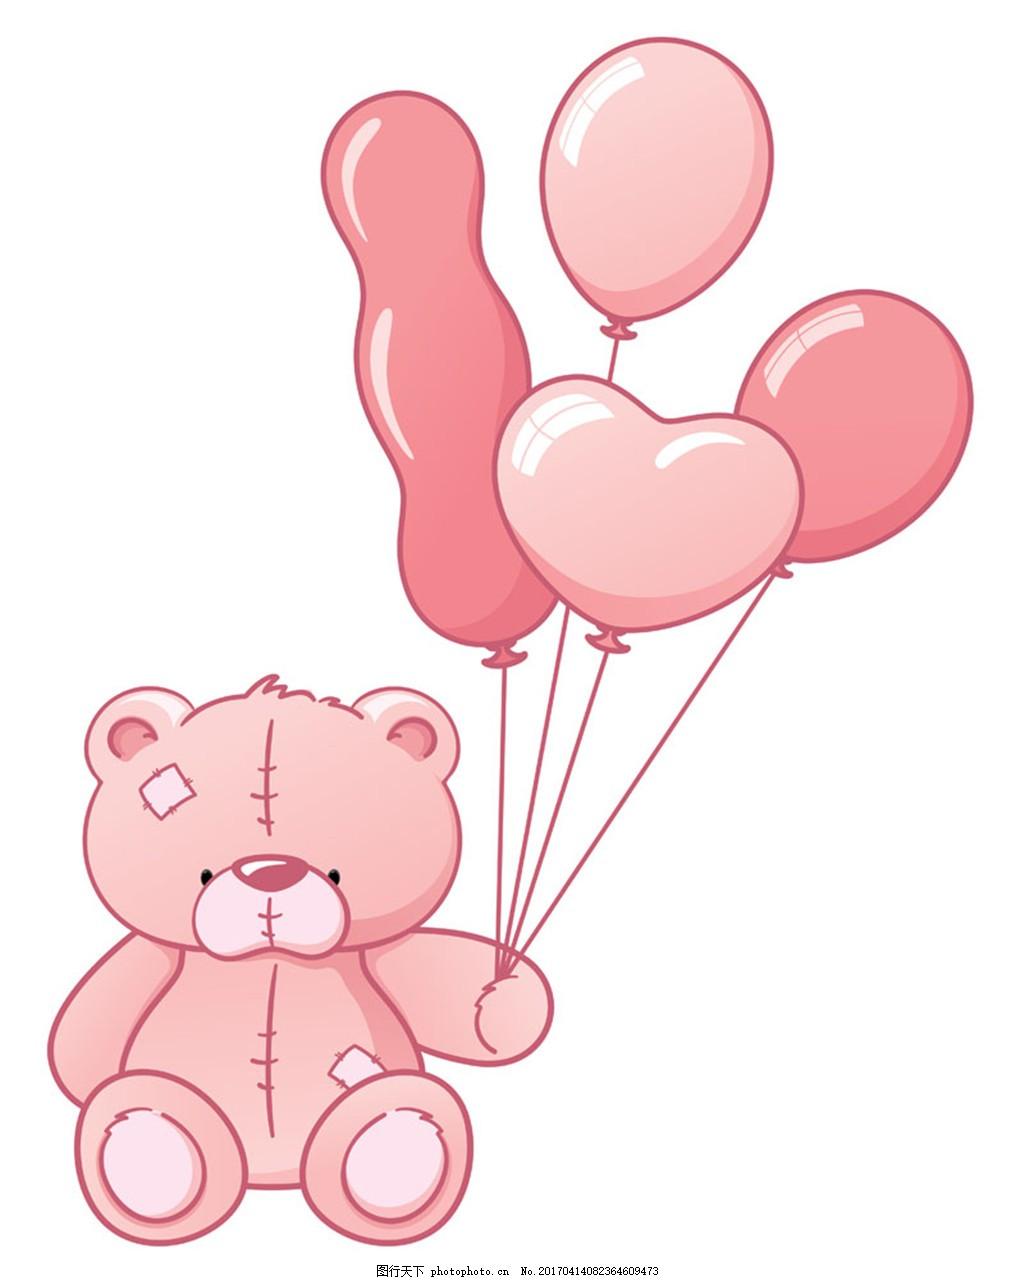 拿粉色气球小熊 粉色气球 卡通熊 小熊 玩具熊 陆地动物 卡通动物